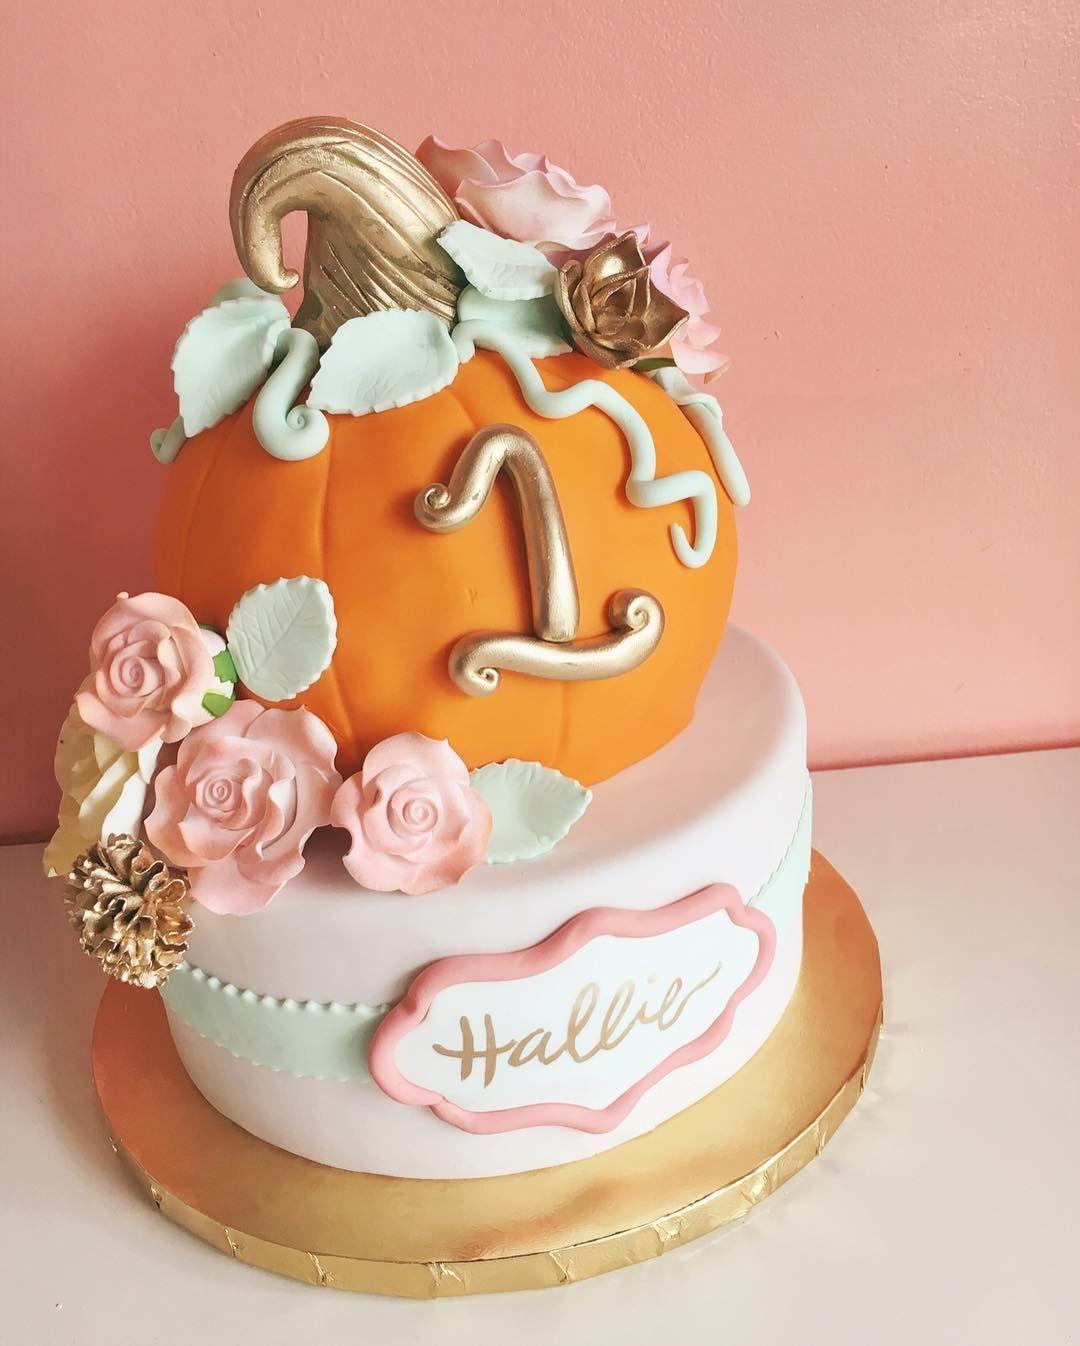 Little Pumpkin First Birthday Outfit Pumpkin Birthday Outfit Sweet One Birthday Lil Pumpkin 1st Birthday Cake Smash Outfit Cutest Pumpkin